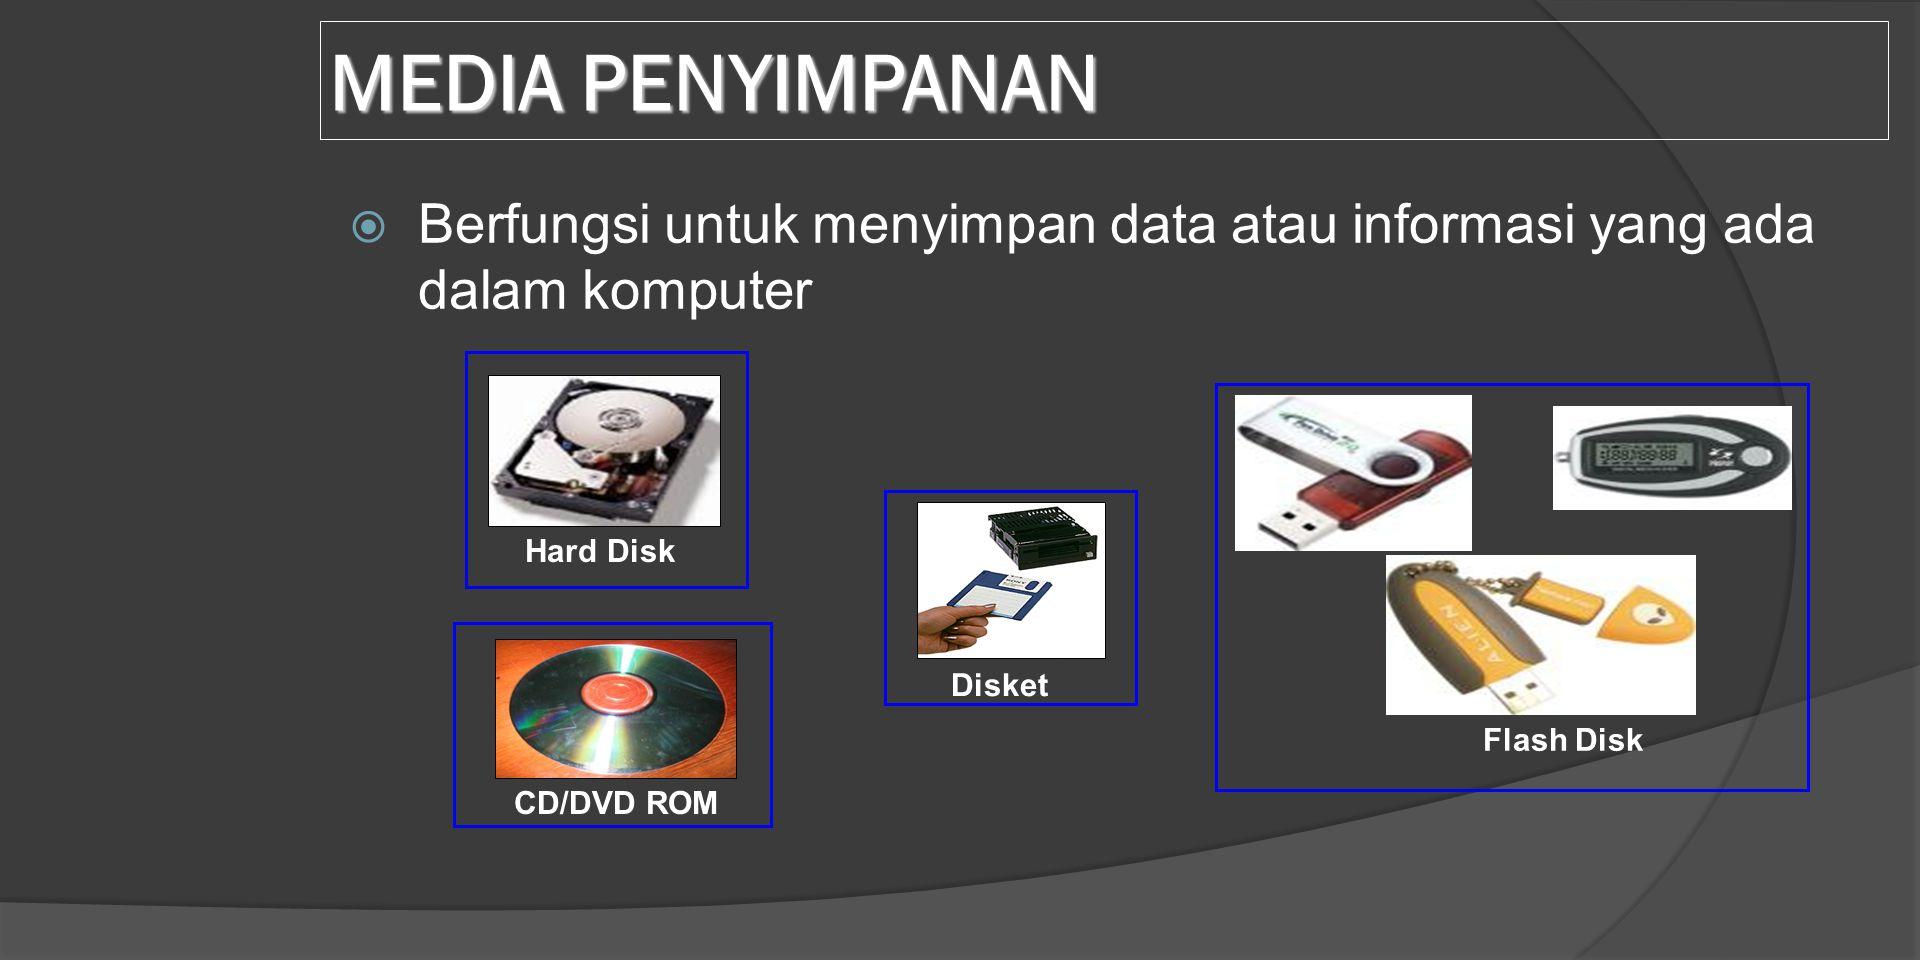 MEDIA PENYIMPANAN Berfungsi untuk menyimpan data atau informasi yang ada dalam komputer. Hard Disk.